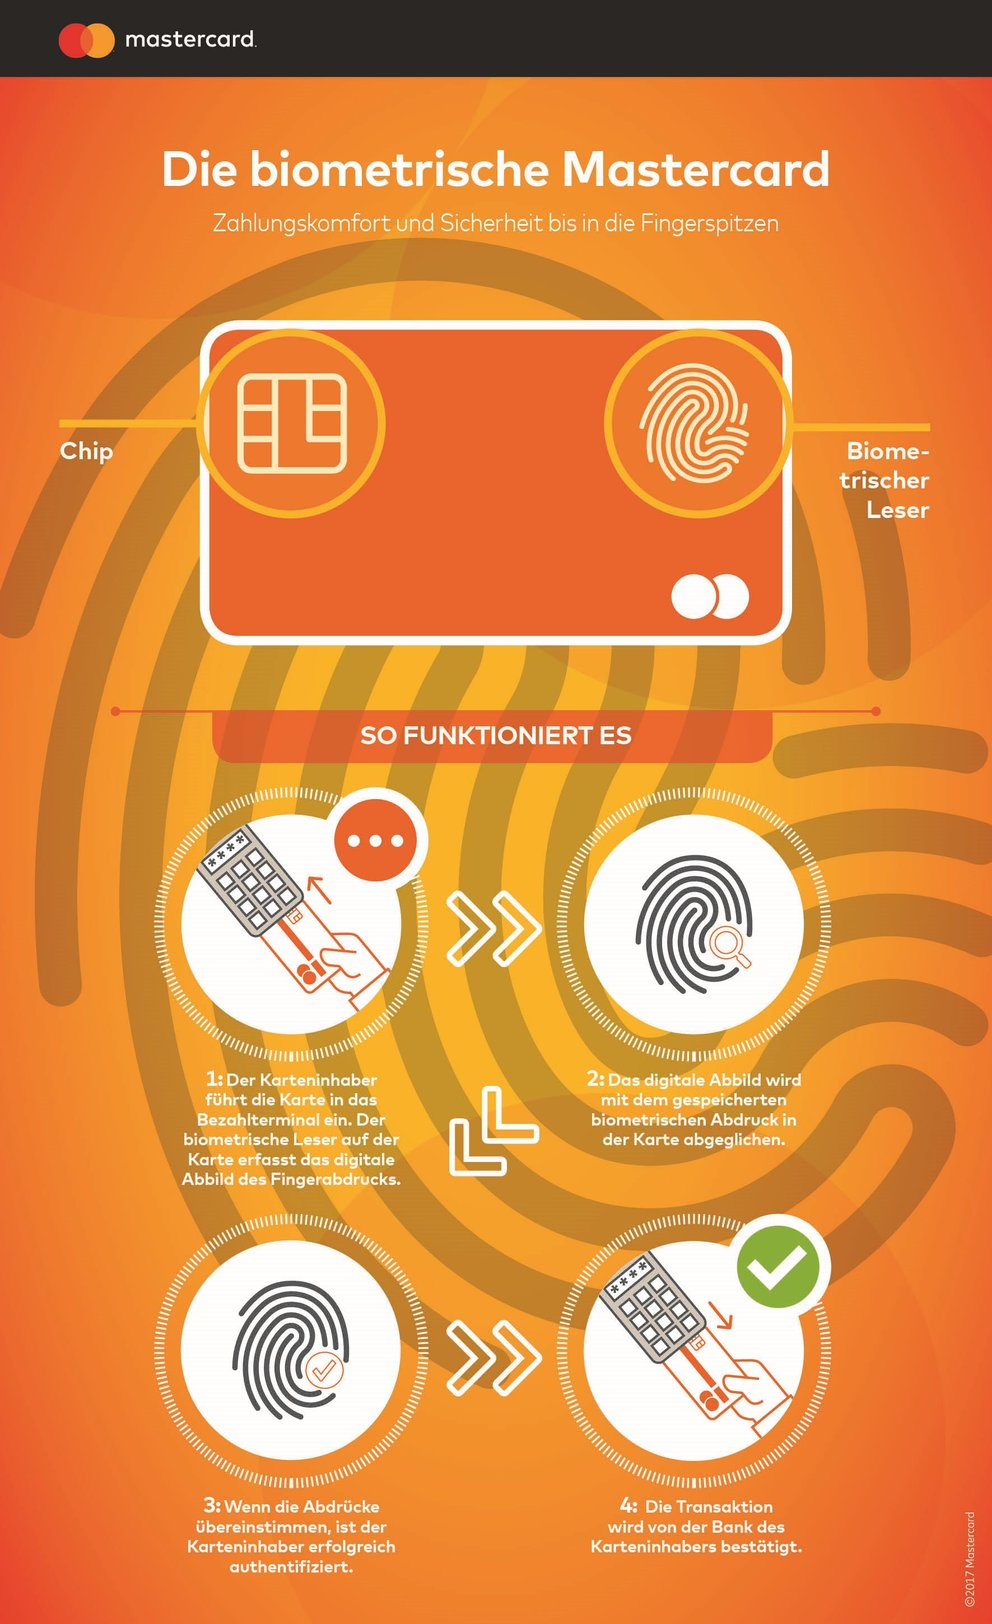 Der Fingerabdruck des Besitzers ist auf dem Chip gespeichert. Stimmen die Abdrücke überein, wird die Transaktion von der Bank des Karteninhabers bestätigt. (Quelle: Mastercard)